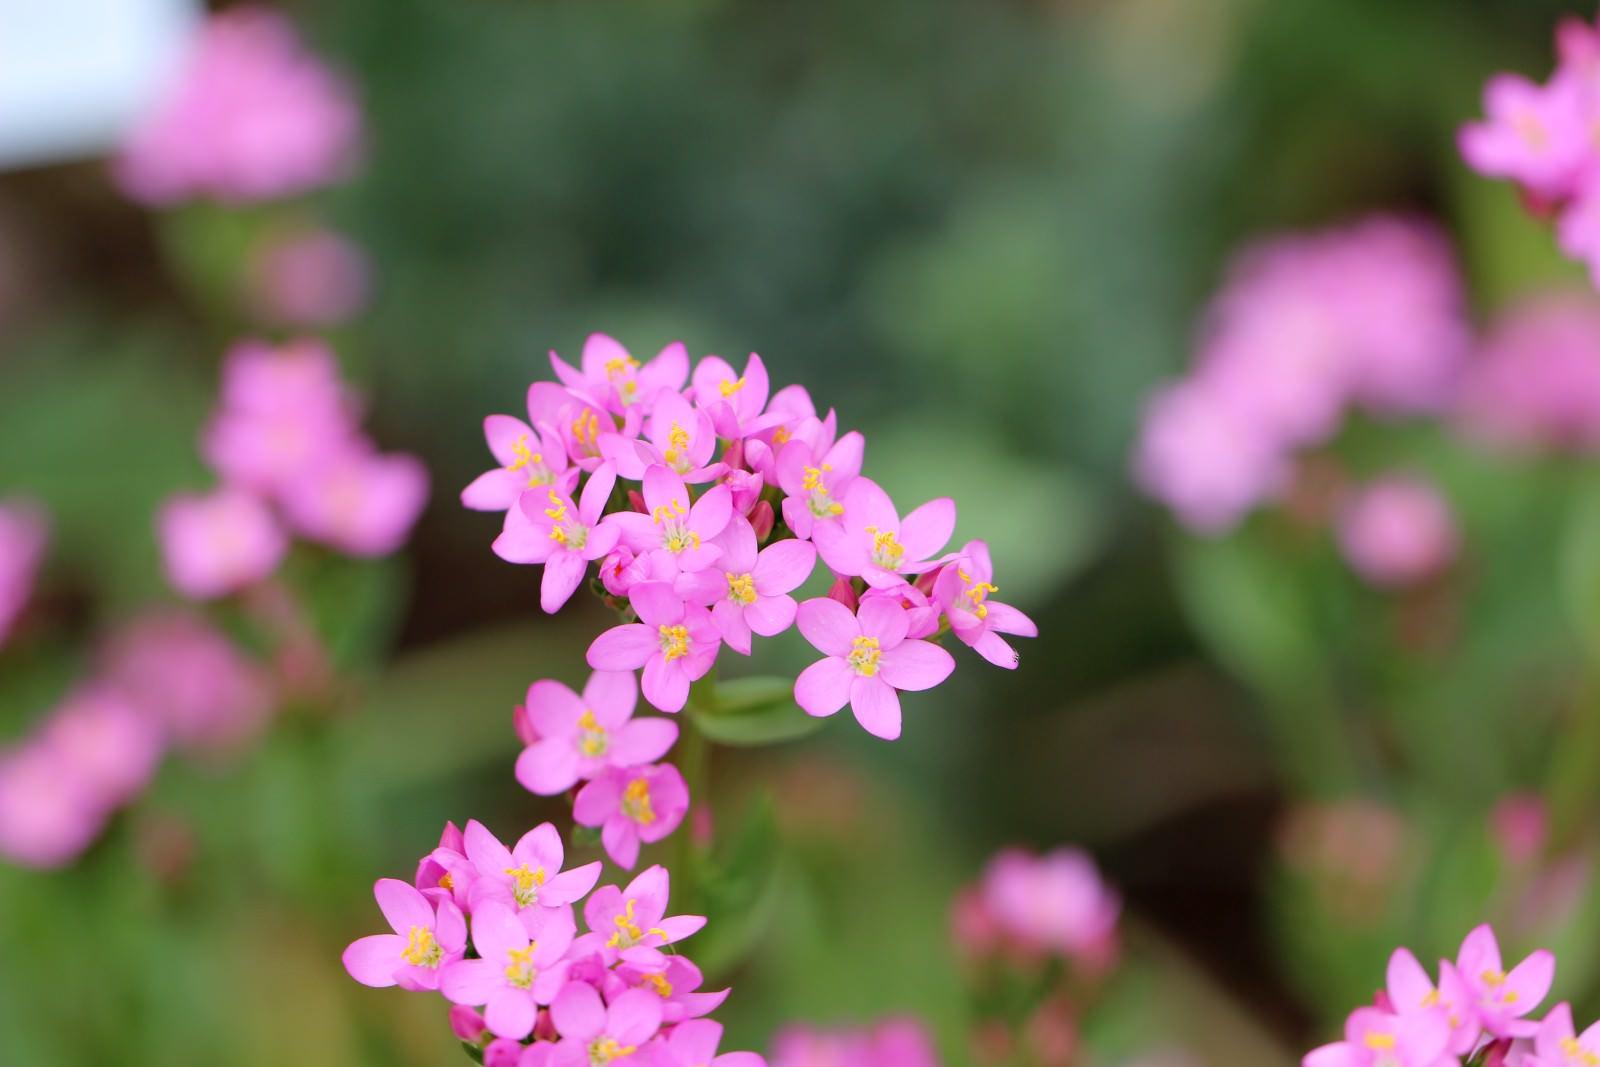 Tausendgüldenkraut sehr alte Heilpflanze mit rosa Blüten Hildegard von Bingen